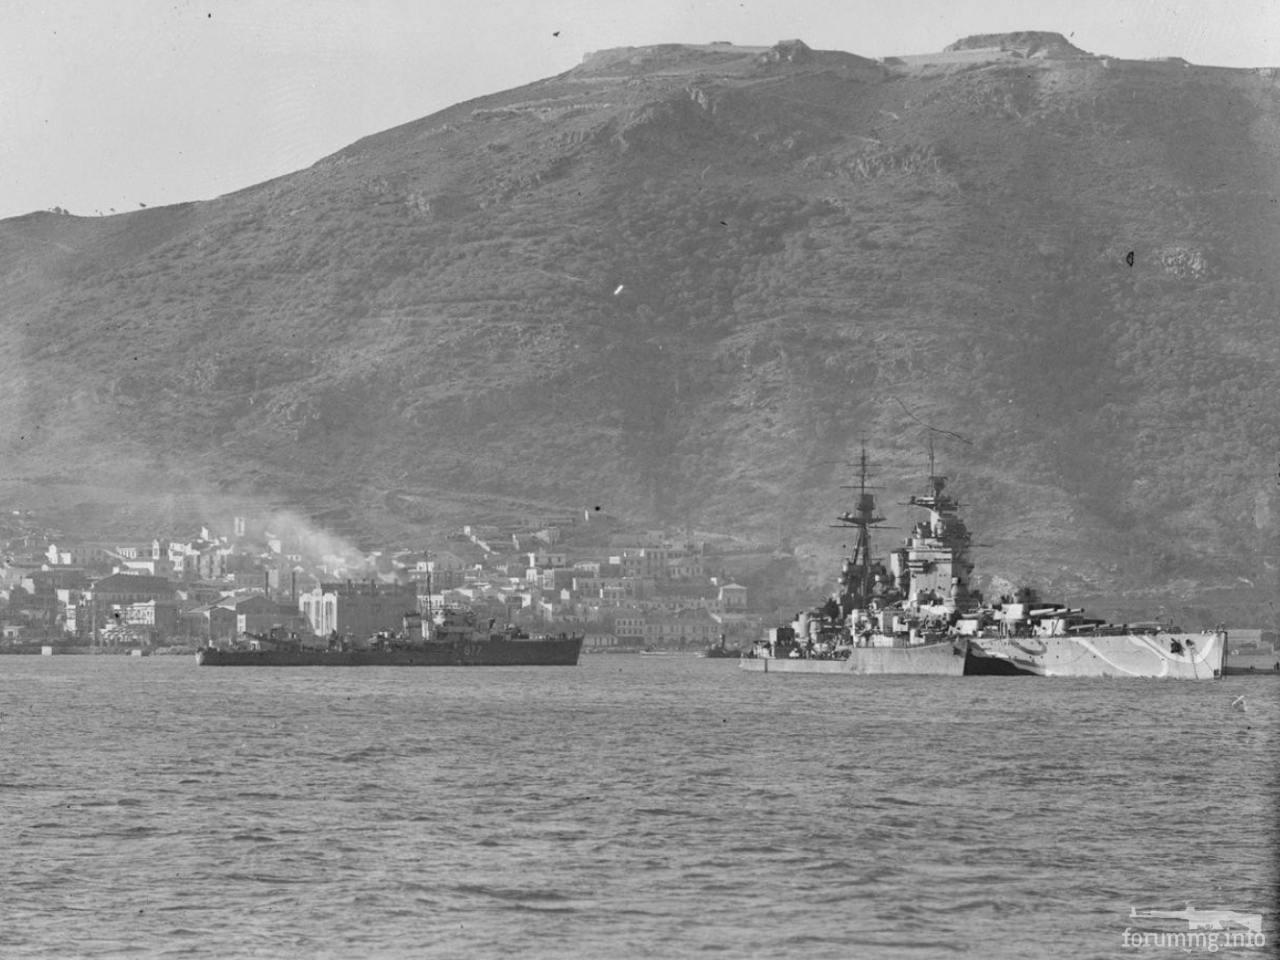 125924 - Линкор HMS Rodney и эсминец на рейде Мерс-эль-Кебир.